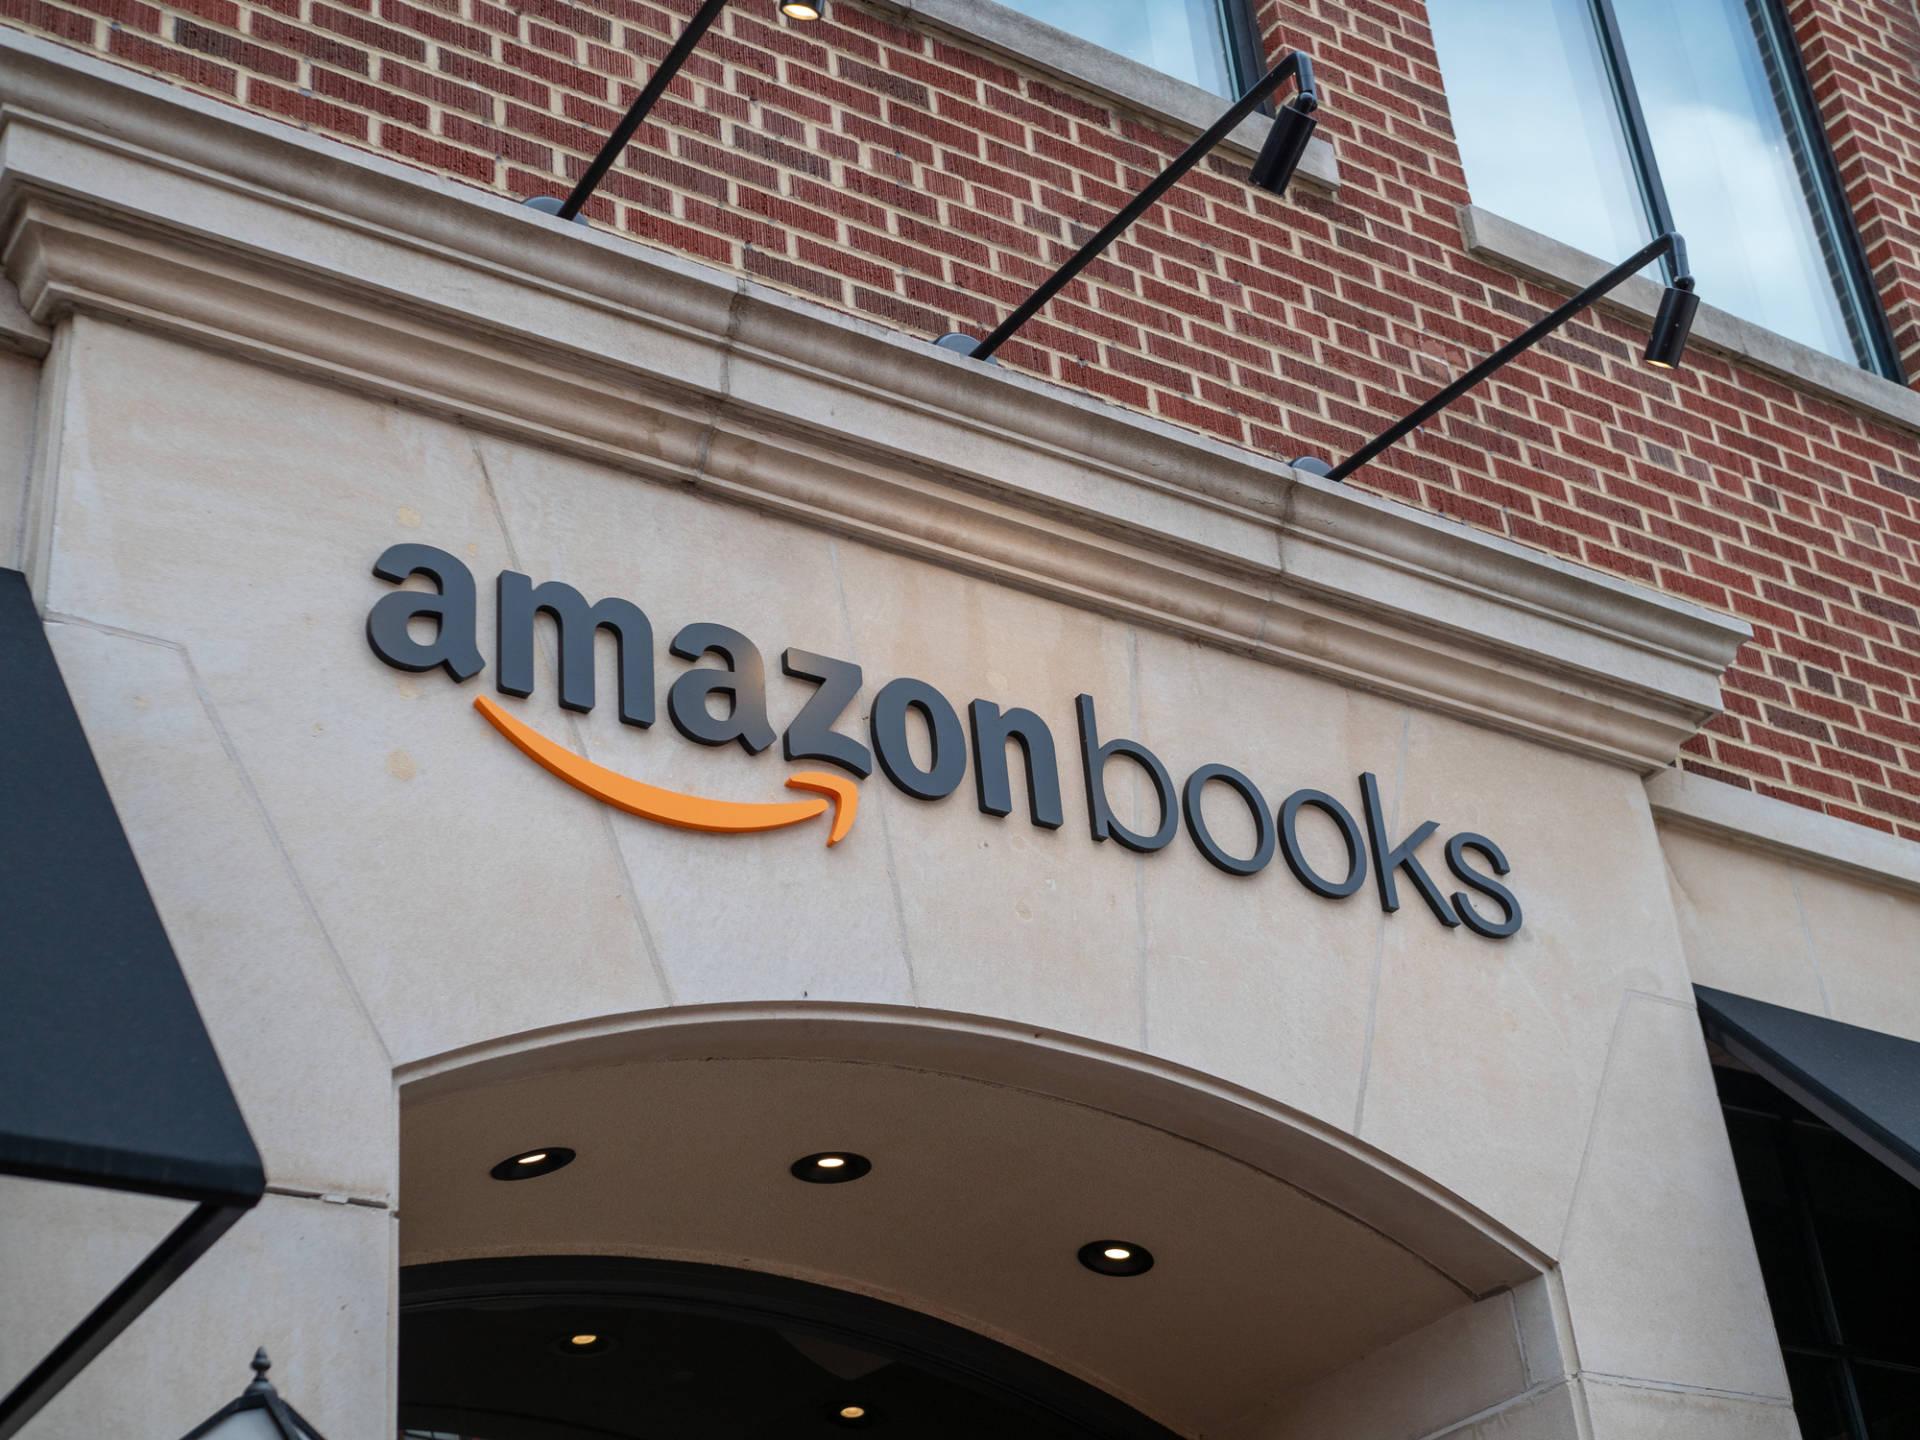 Amazon pronta ad aprire le sue nuove librerie fisiche